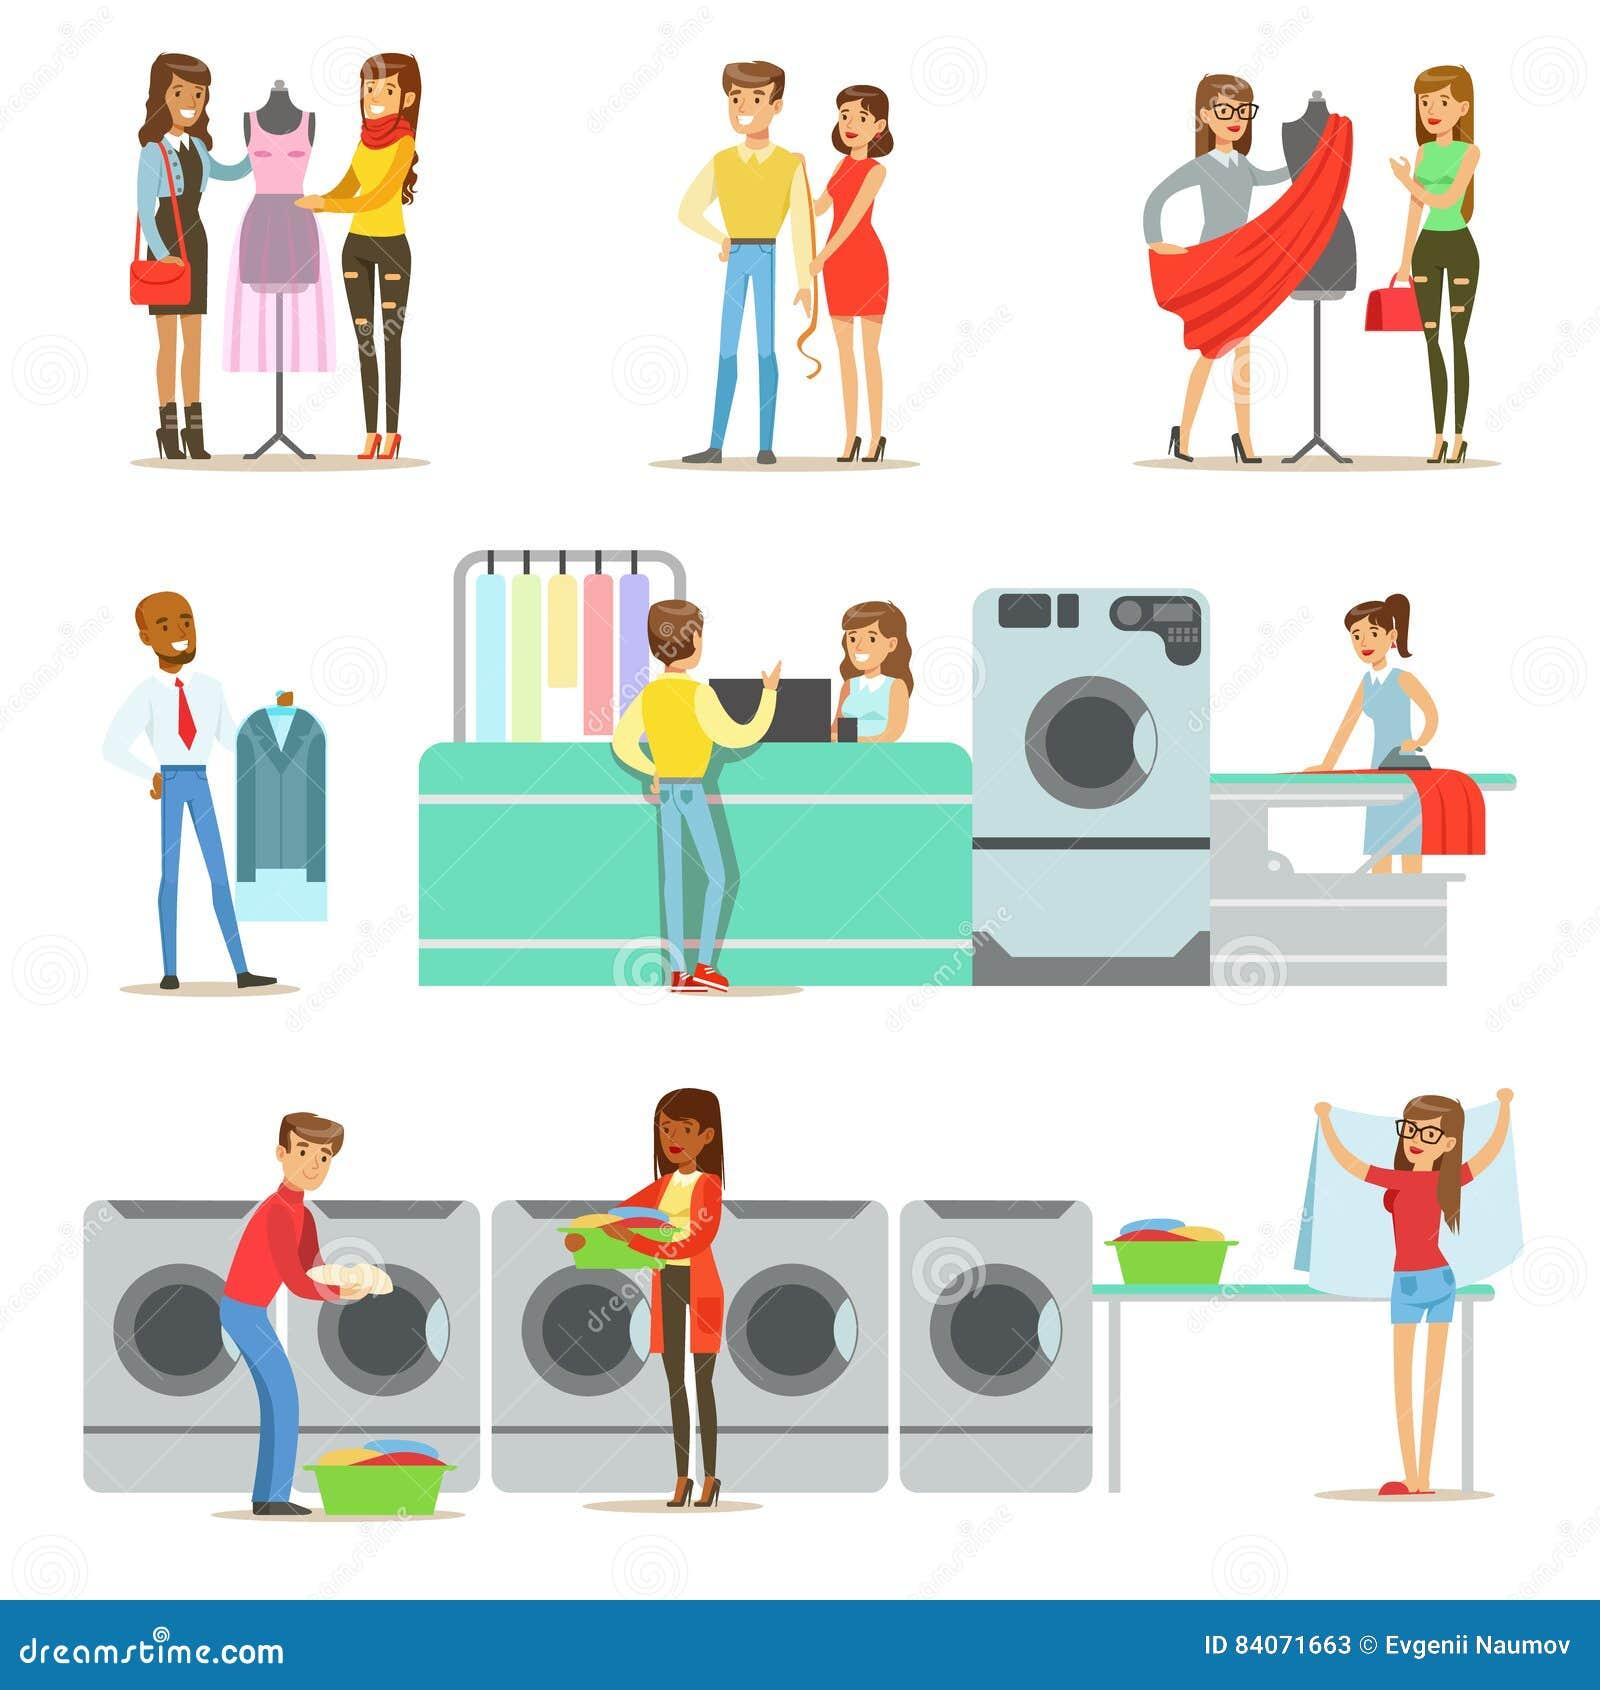 Gente en el lavadero, la limpieza en seco y el sistema del servicio de la adaptación de personajes de dibujos animados sonrientes